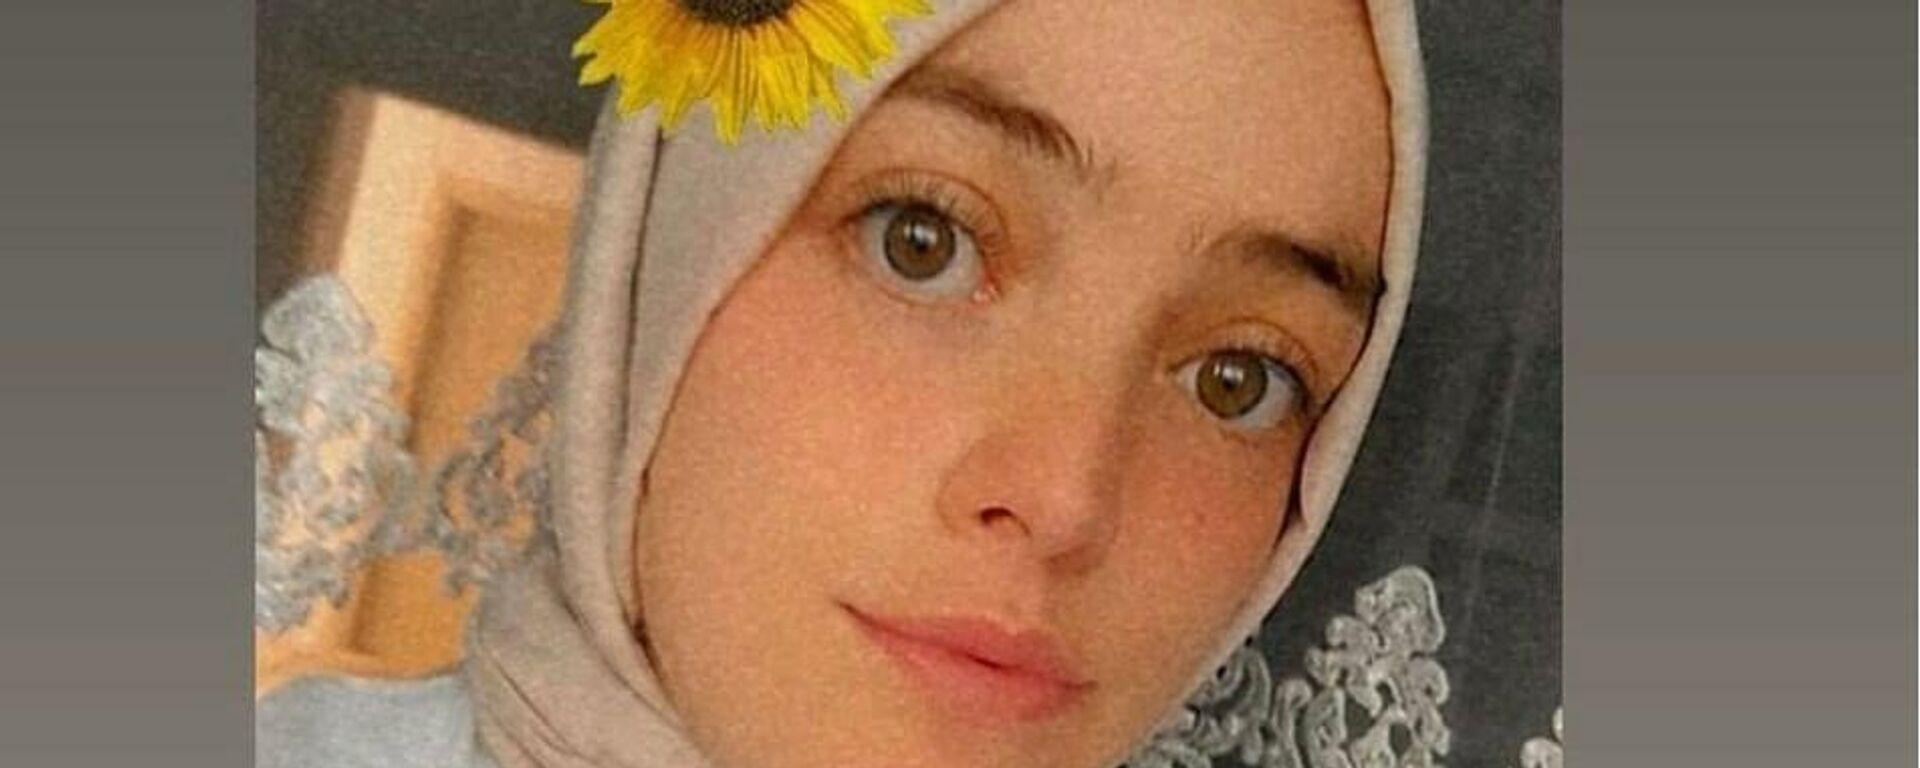 Evinin önüne 3 kez gelen aşı ekibini reddeden genç kız, koronavirüsten hayatını kaybetti - Sputnik Türkiye, 1920, 13.08.2021